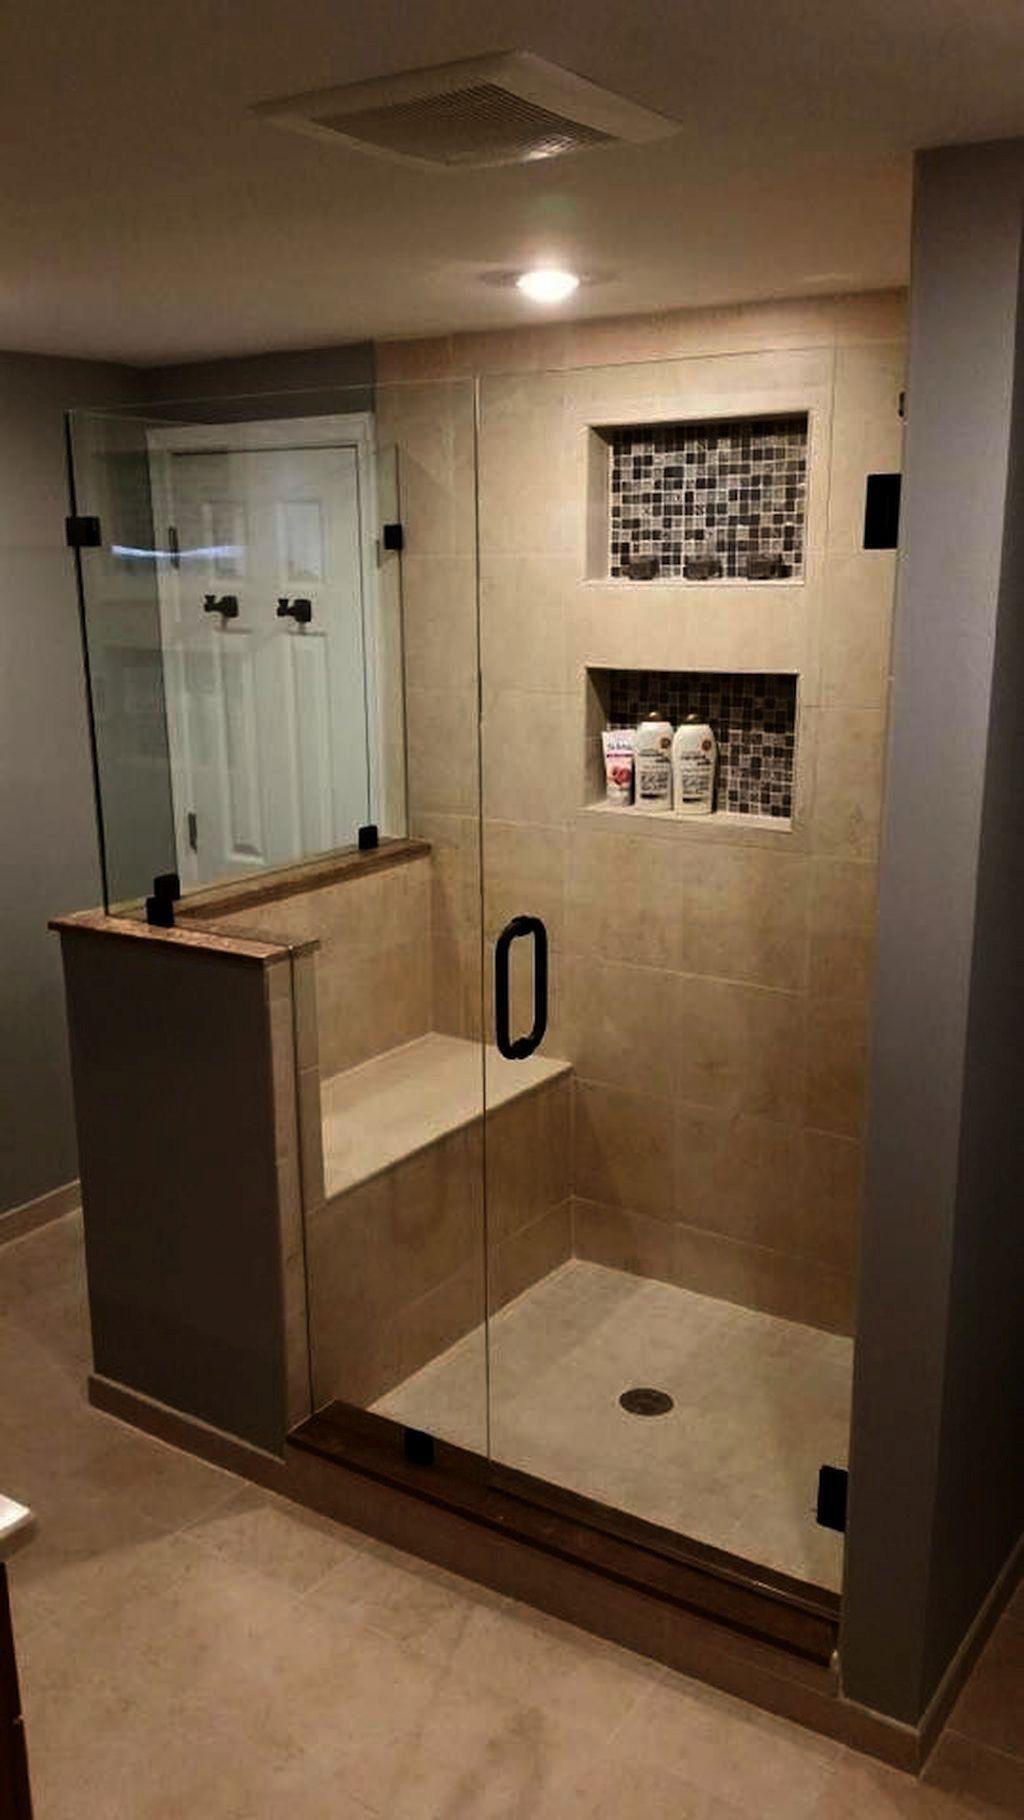 Bathroom Tiles Mosaic Only Bathroom Vanities Retailers Near Me Bathroom Sinks And Vanities Near Me Save Bathrooms Remodel Small Bathroom Diy Bathroom Remodel